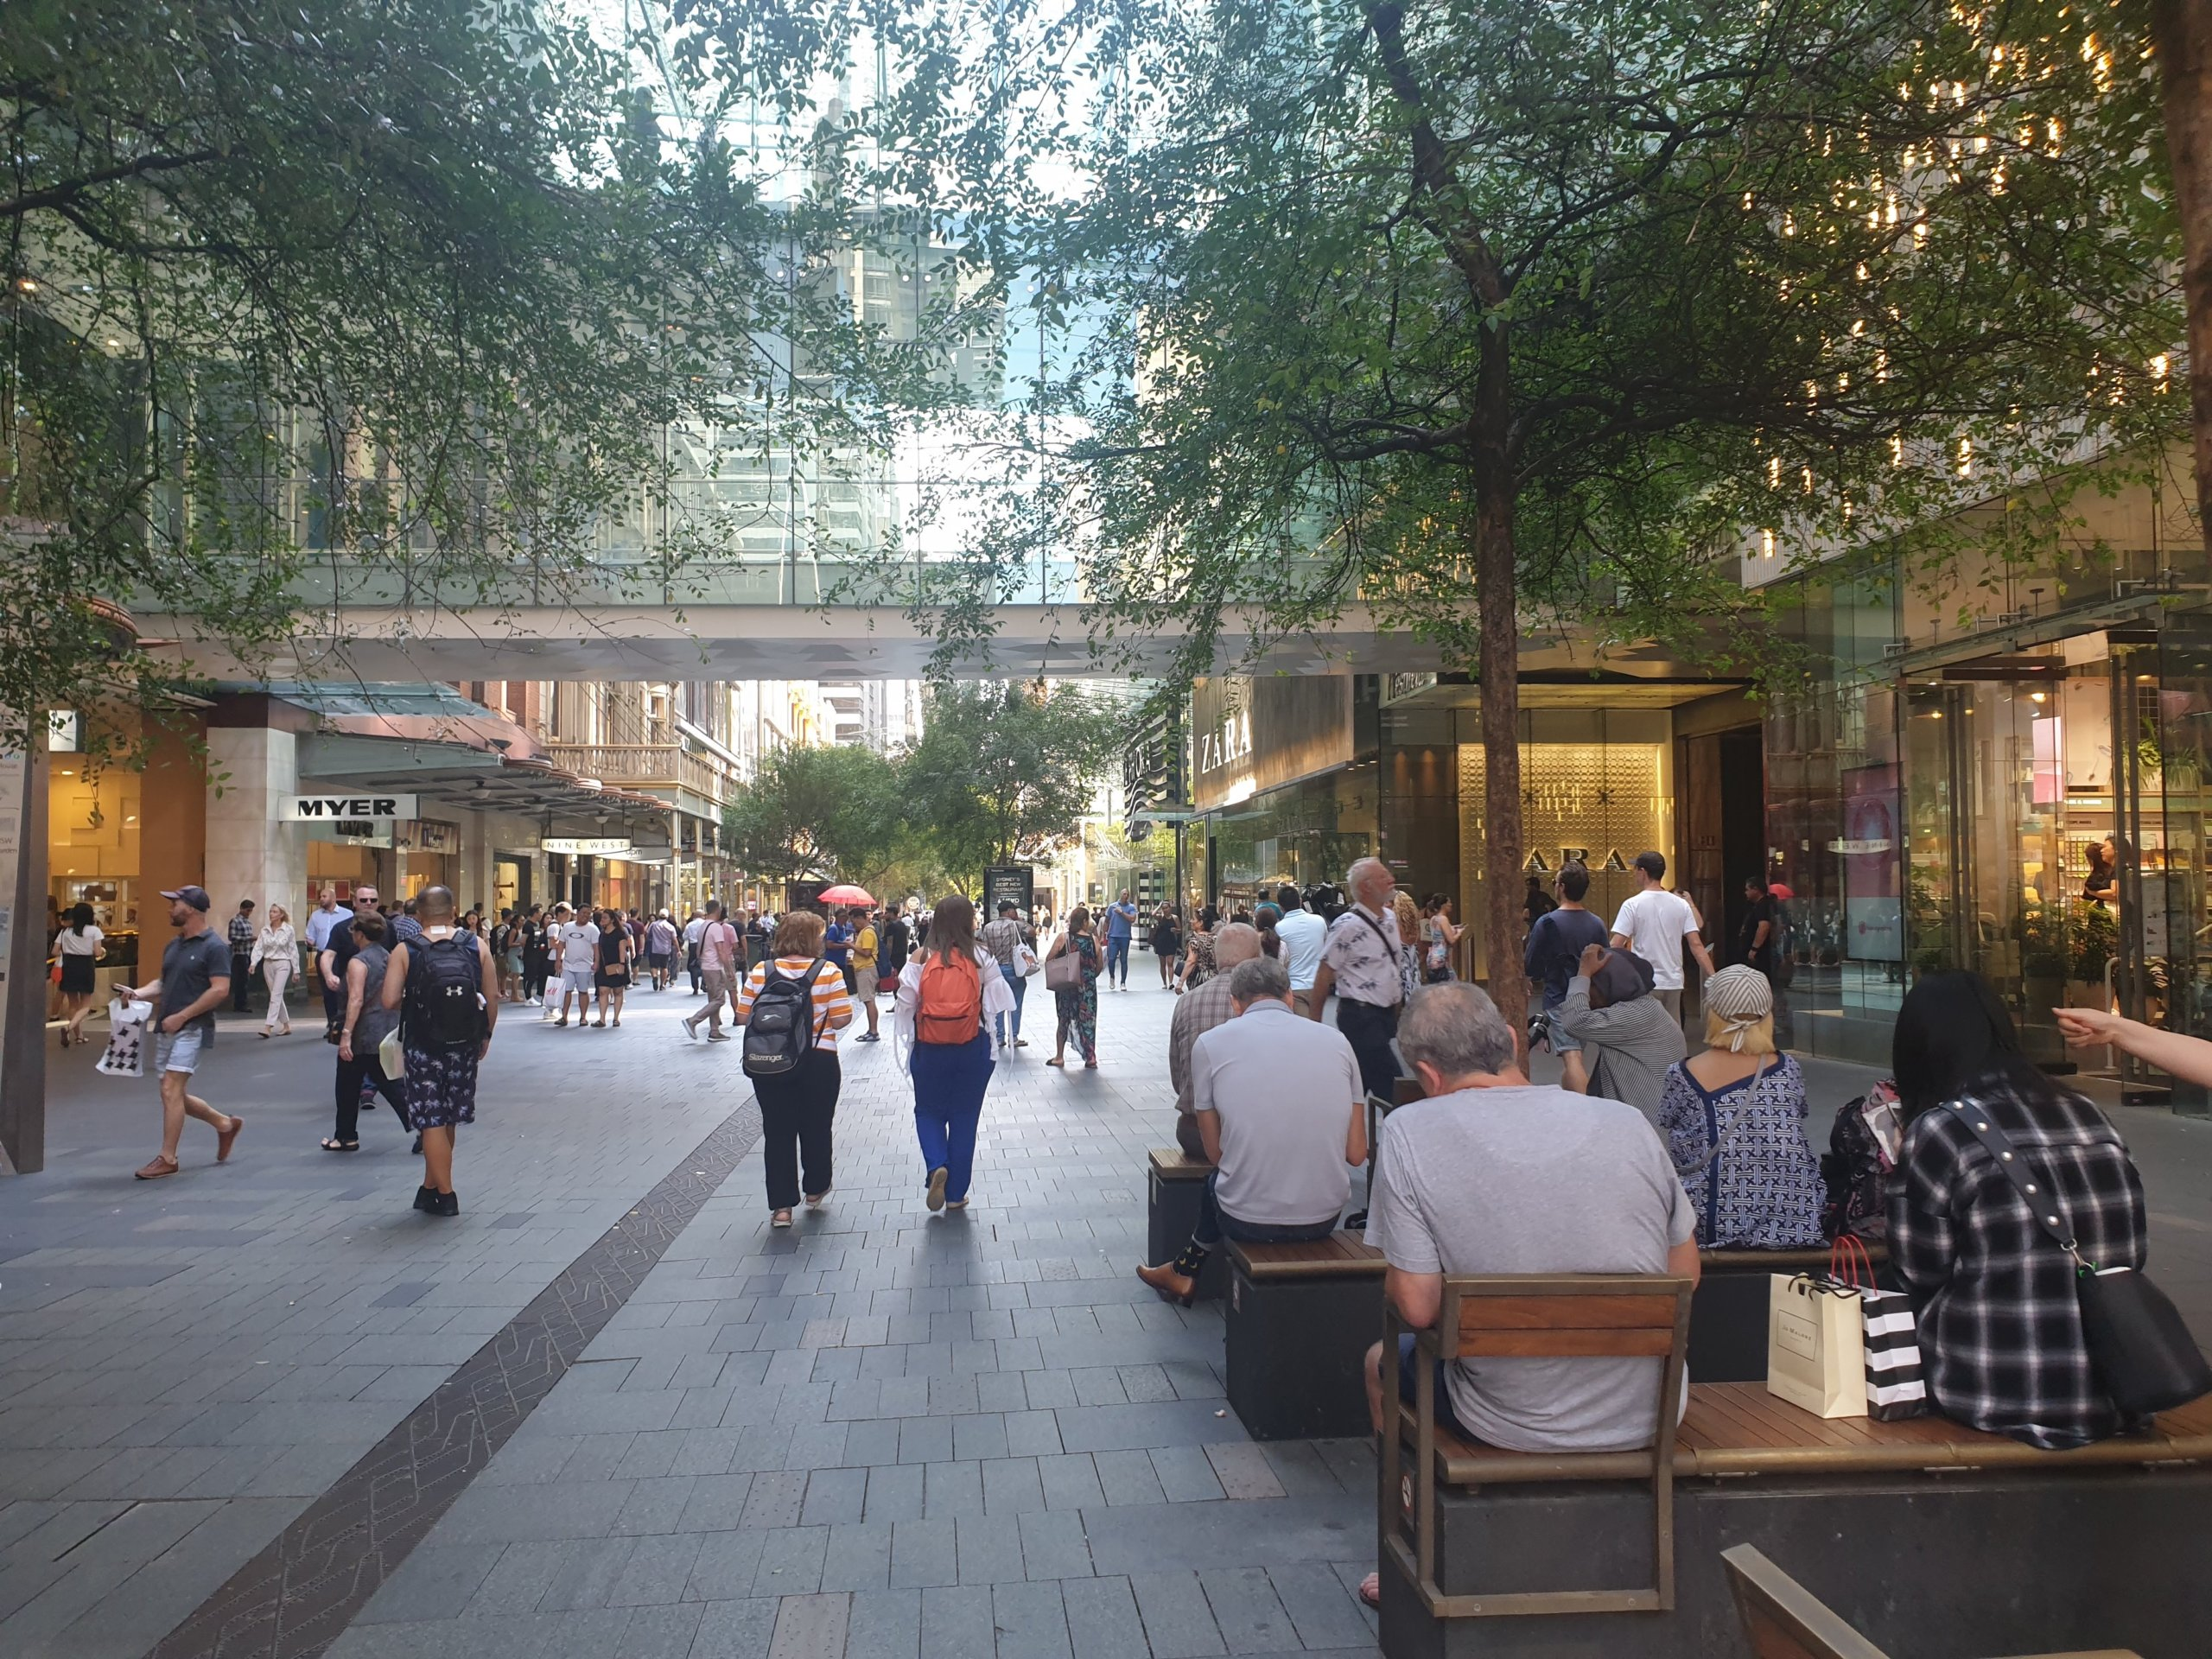 Pitt Street Mall